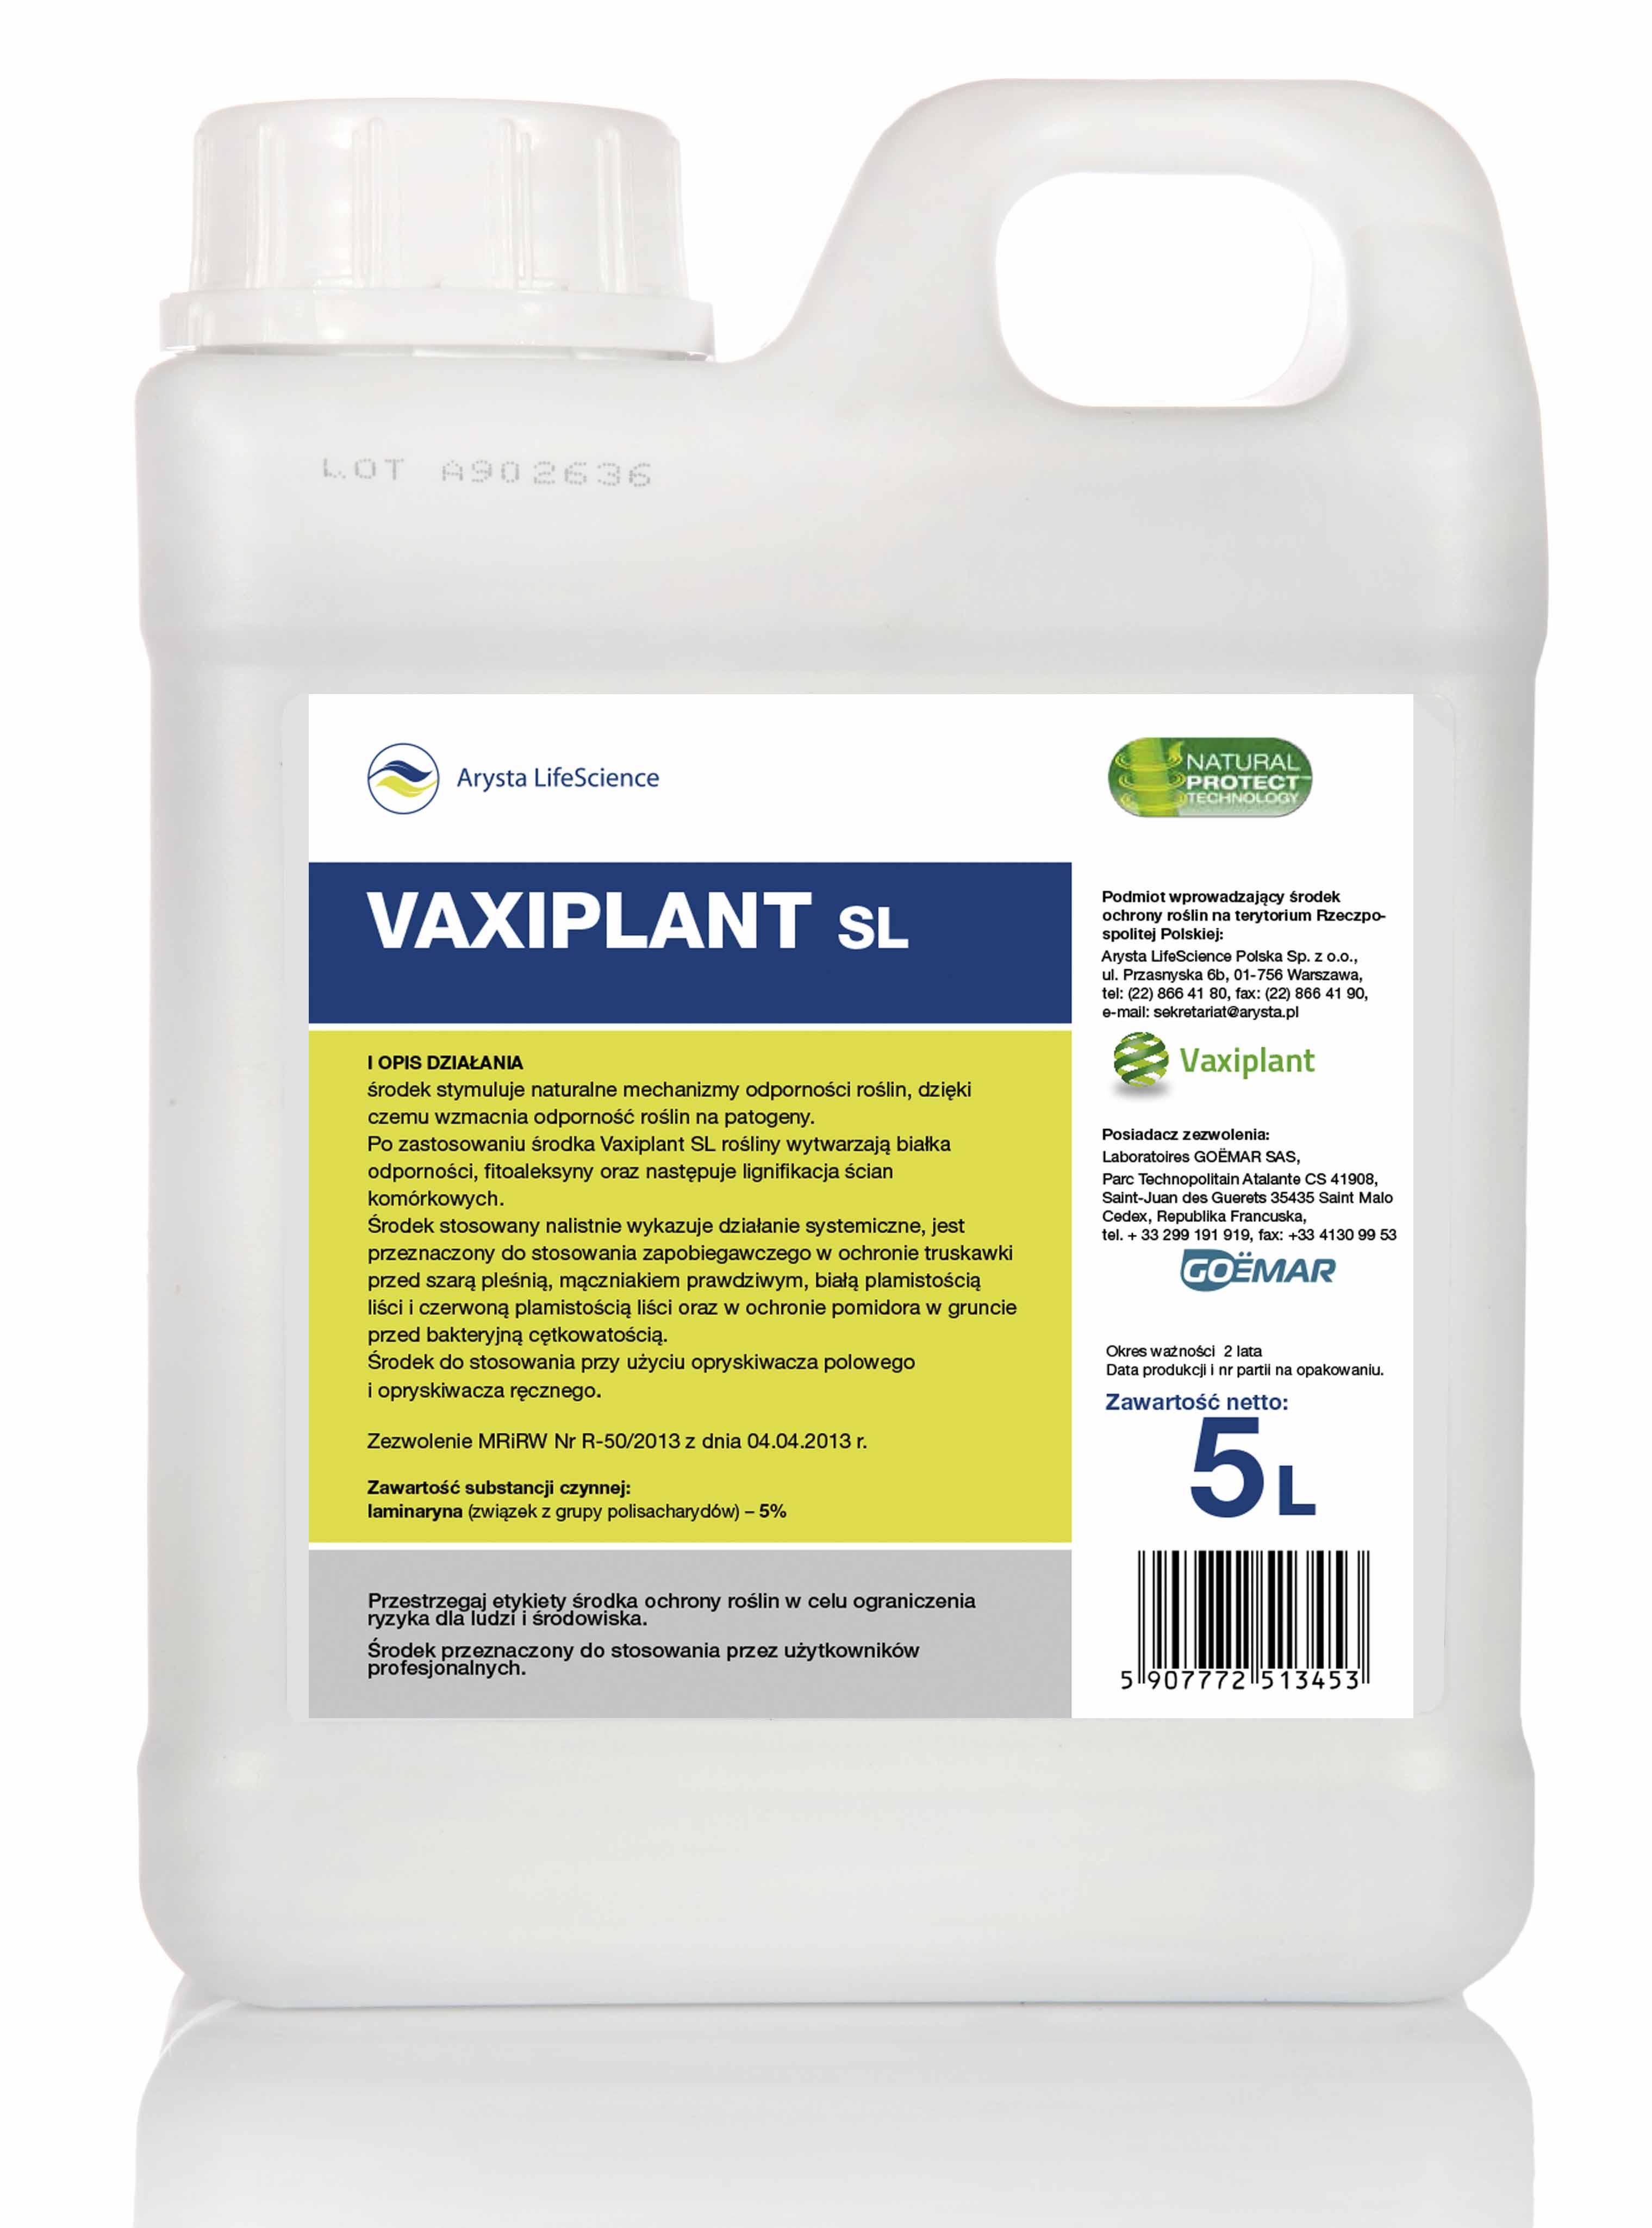 Vaxiplant SL – odporność przede wszystkim